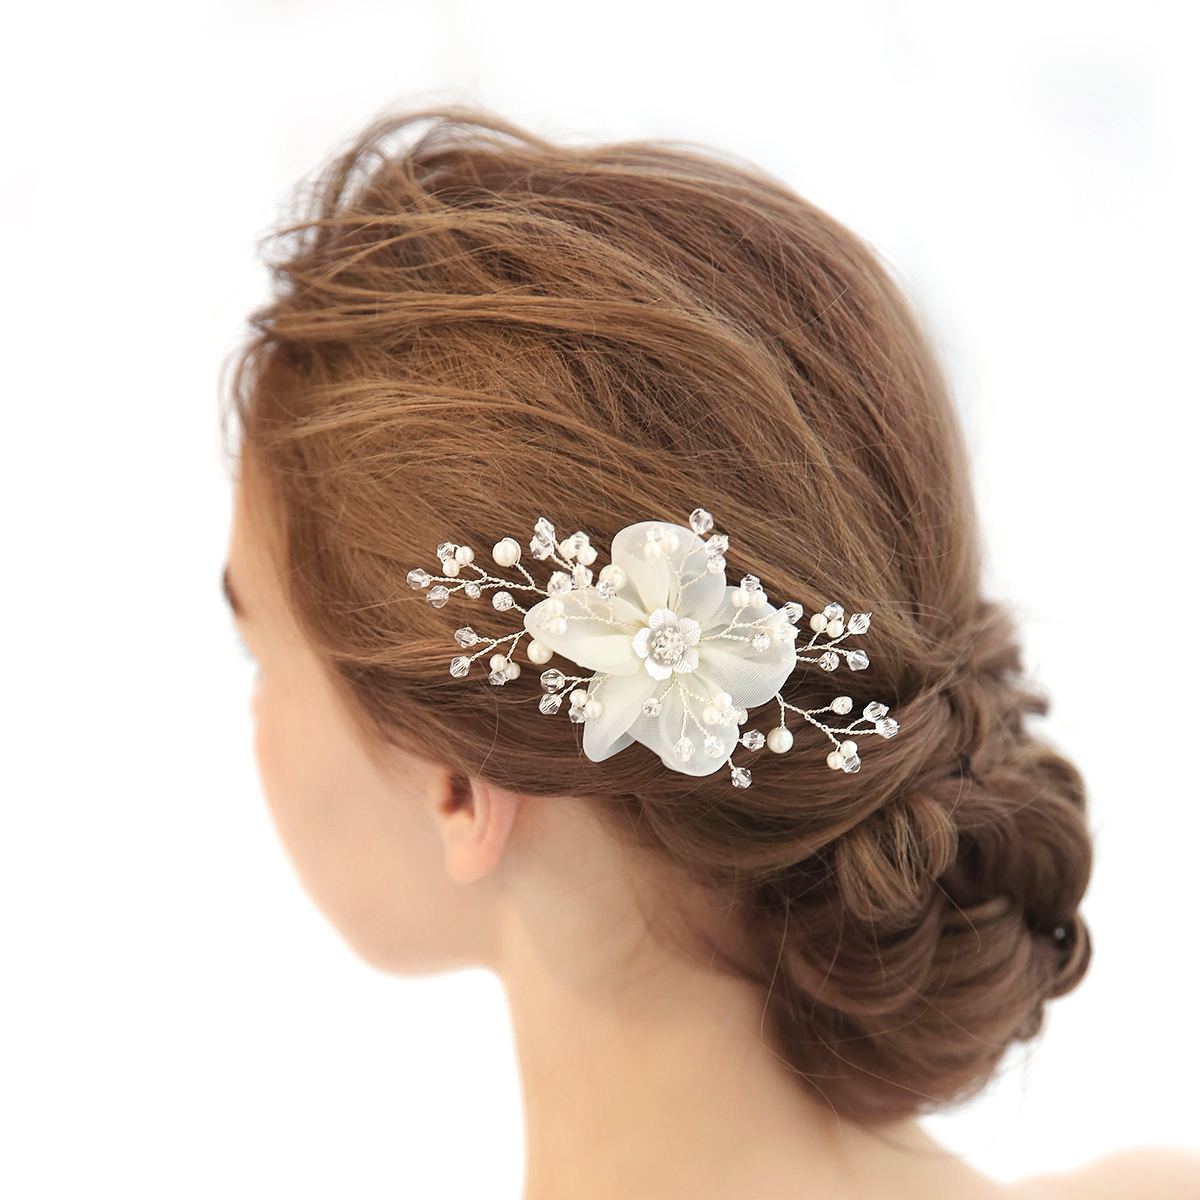 Weddings & Events Herzhaft 1 Stück Braut Headwear Hochzeit Strass Kristall Europäischen Stil Dekor Für Hochzeit üPpiges Design